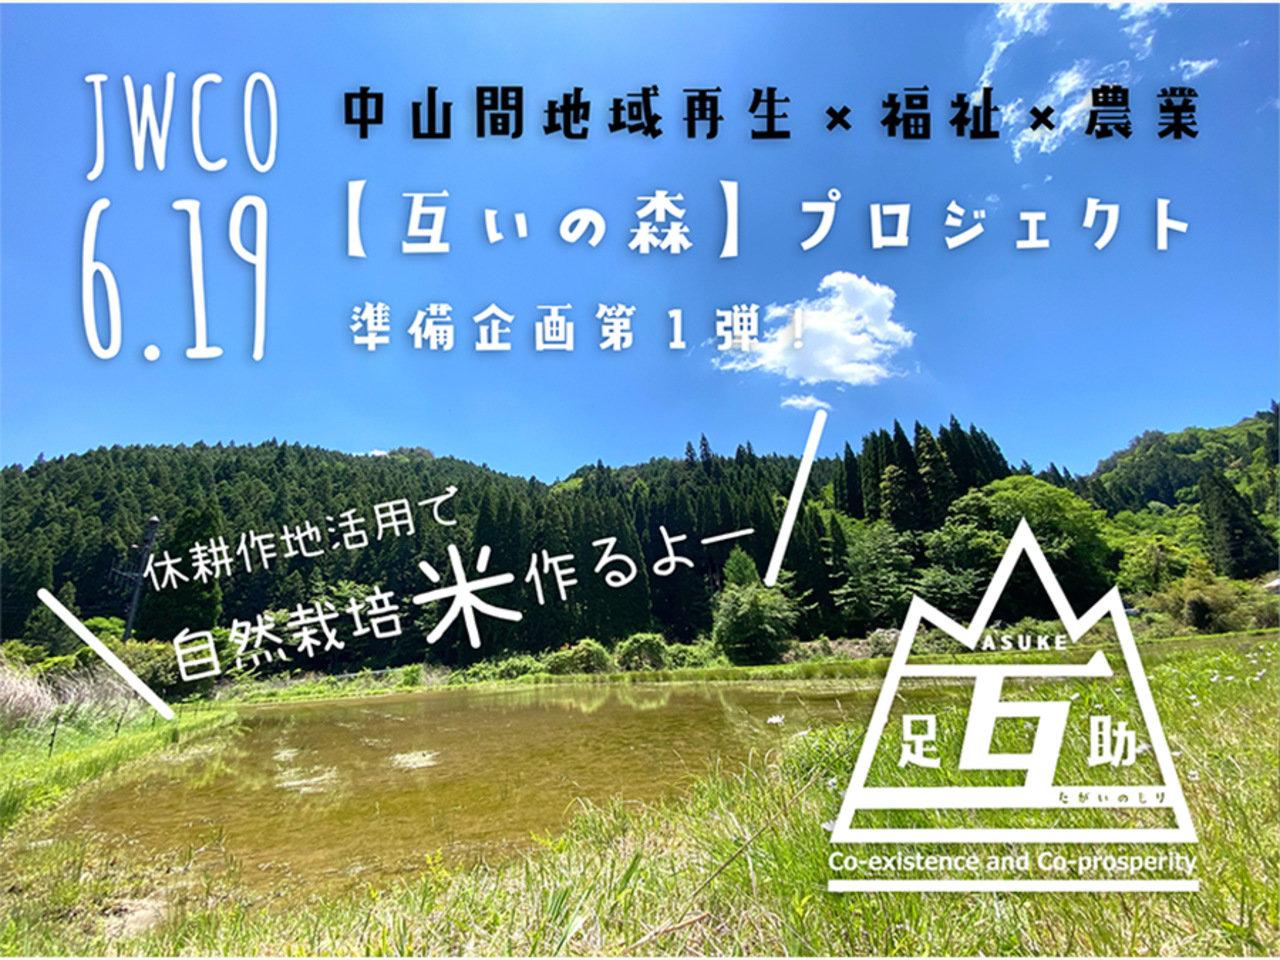 【中山間地域再生✖️農業✖️福祉】互いの森プロジェクト始動!第1弾「休耕田で自然栽培米作り」